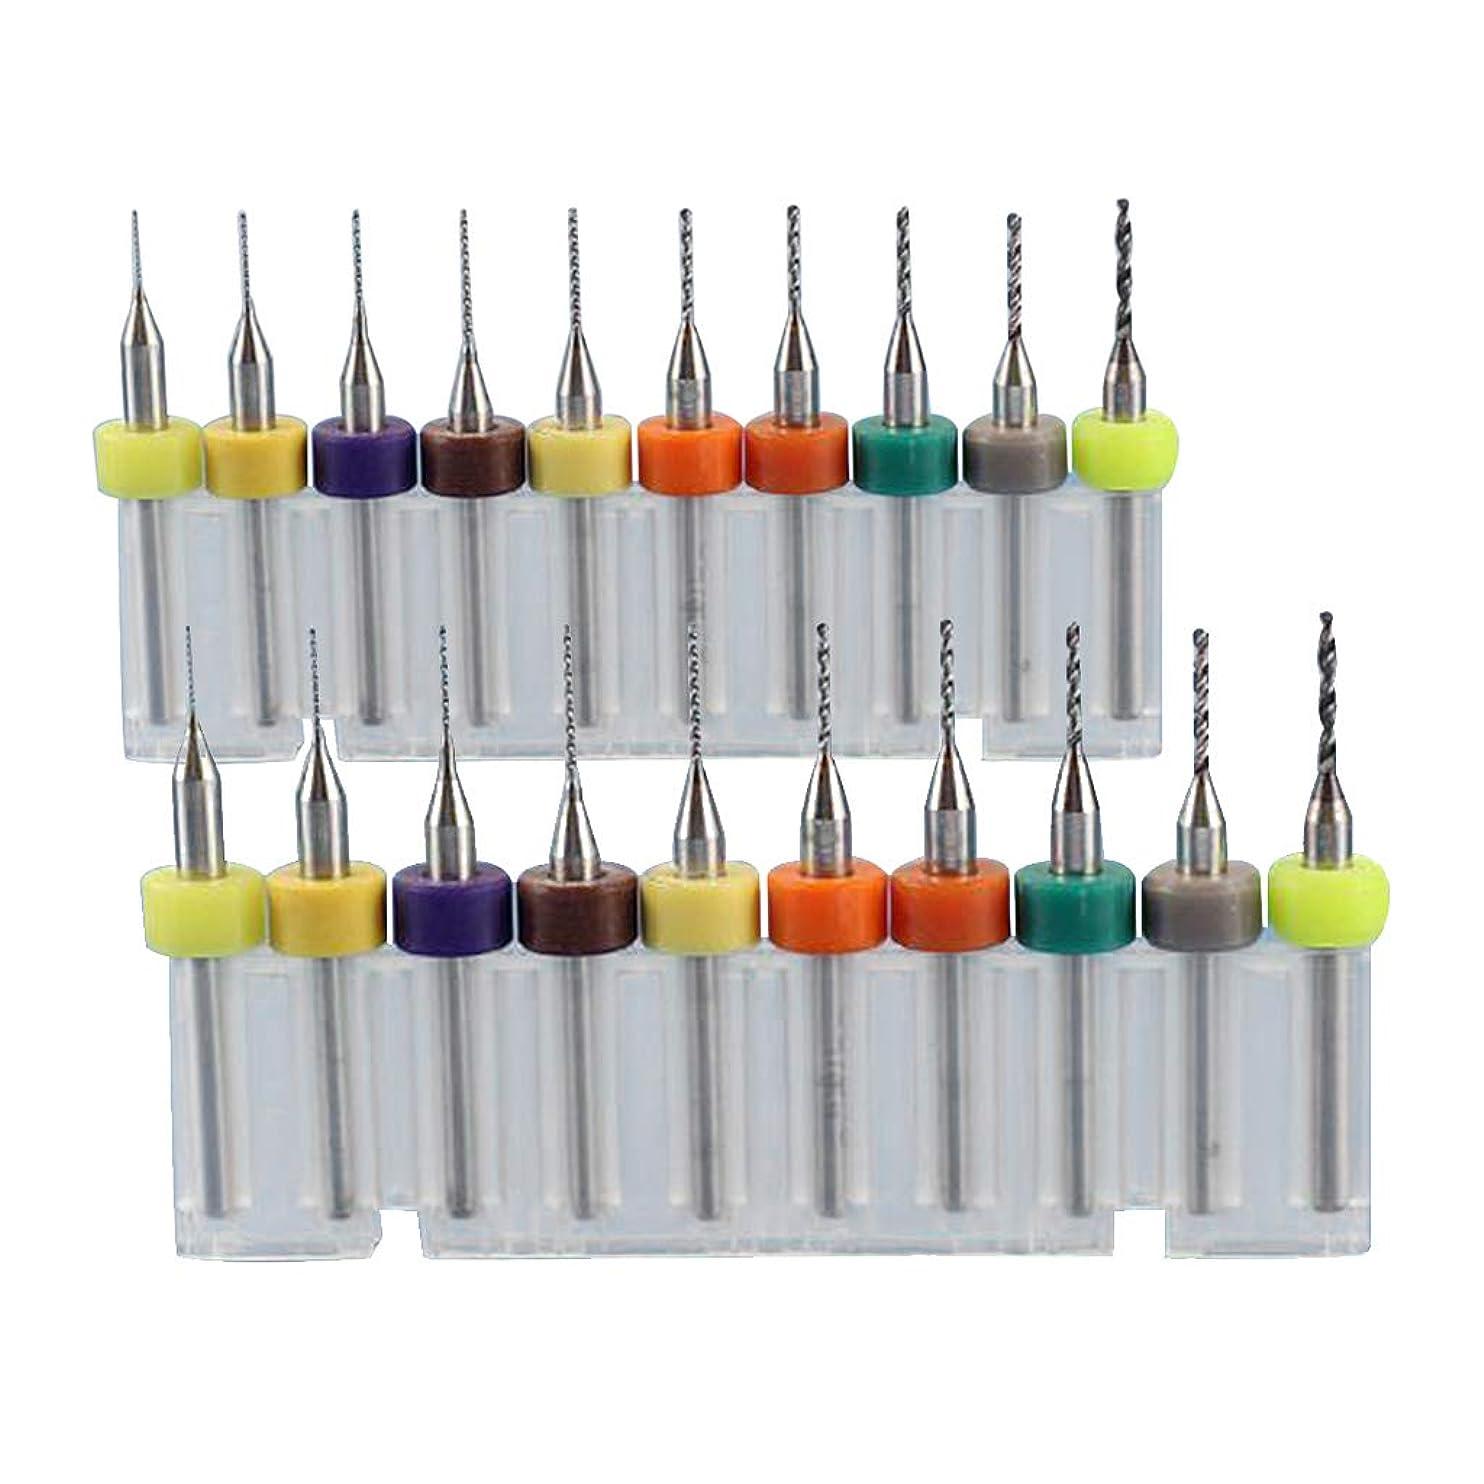 ベリー氏幼児マイクロドリルビット 0.15-1.05mm 0.1-1.0mm PCB回路基板用 CNC彫刻に適用